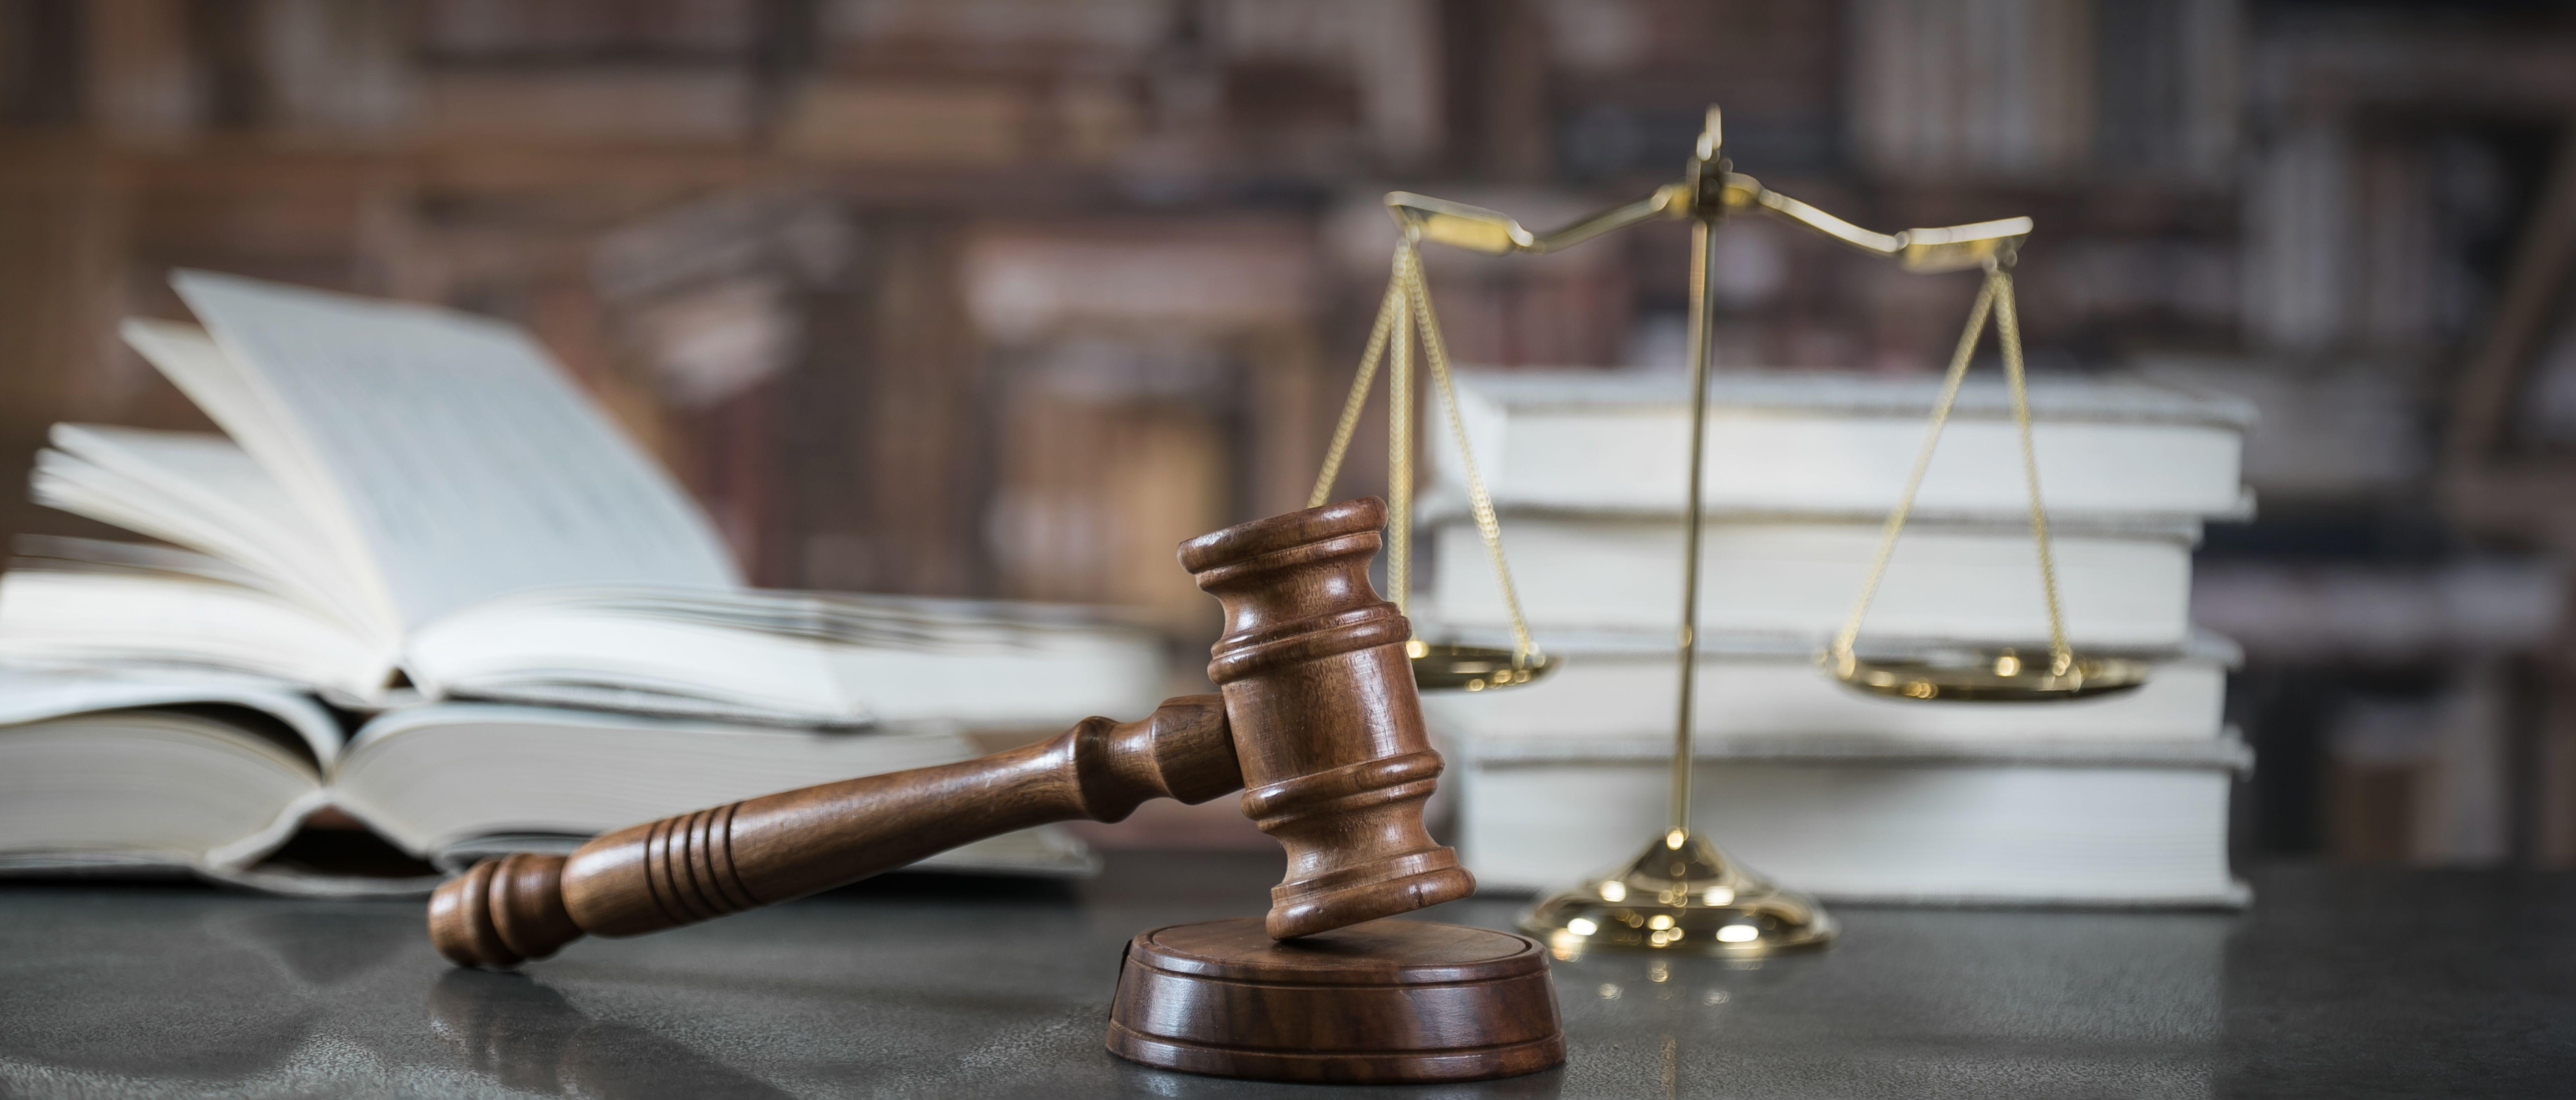 Bufete de abogados especializados en Derecho Penal en Adeje